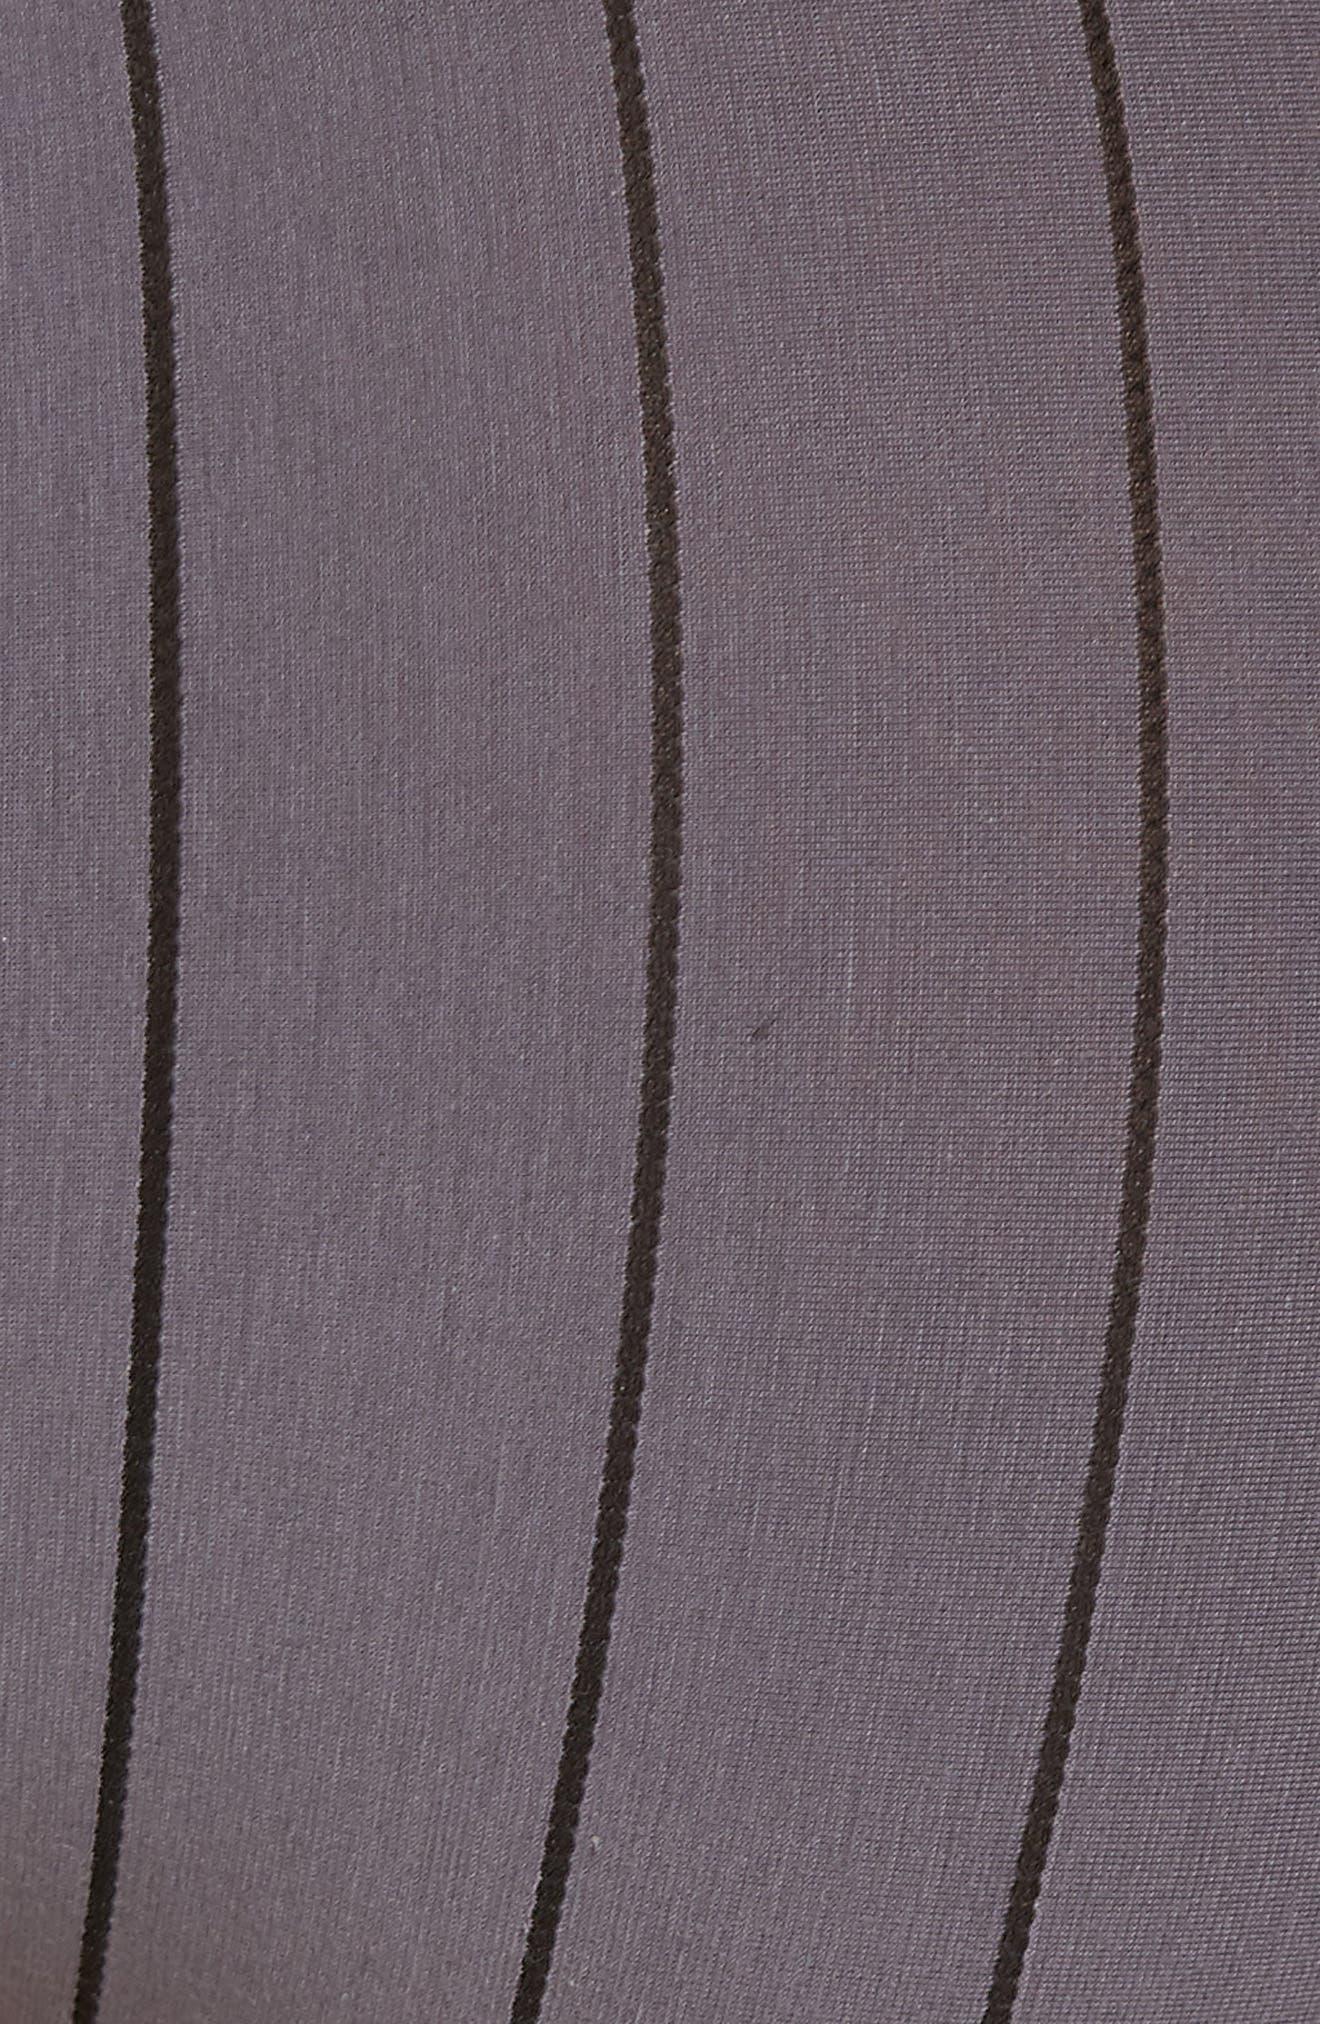 Shadow Cotton Blend Briefs,                             Alternate thumbnail 5, color,                             EBONY